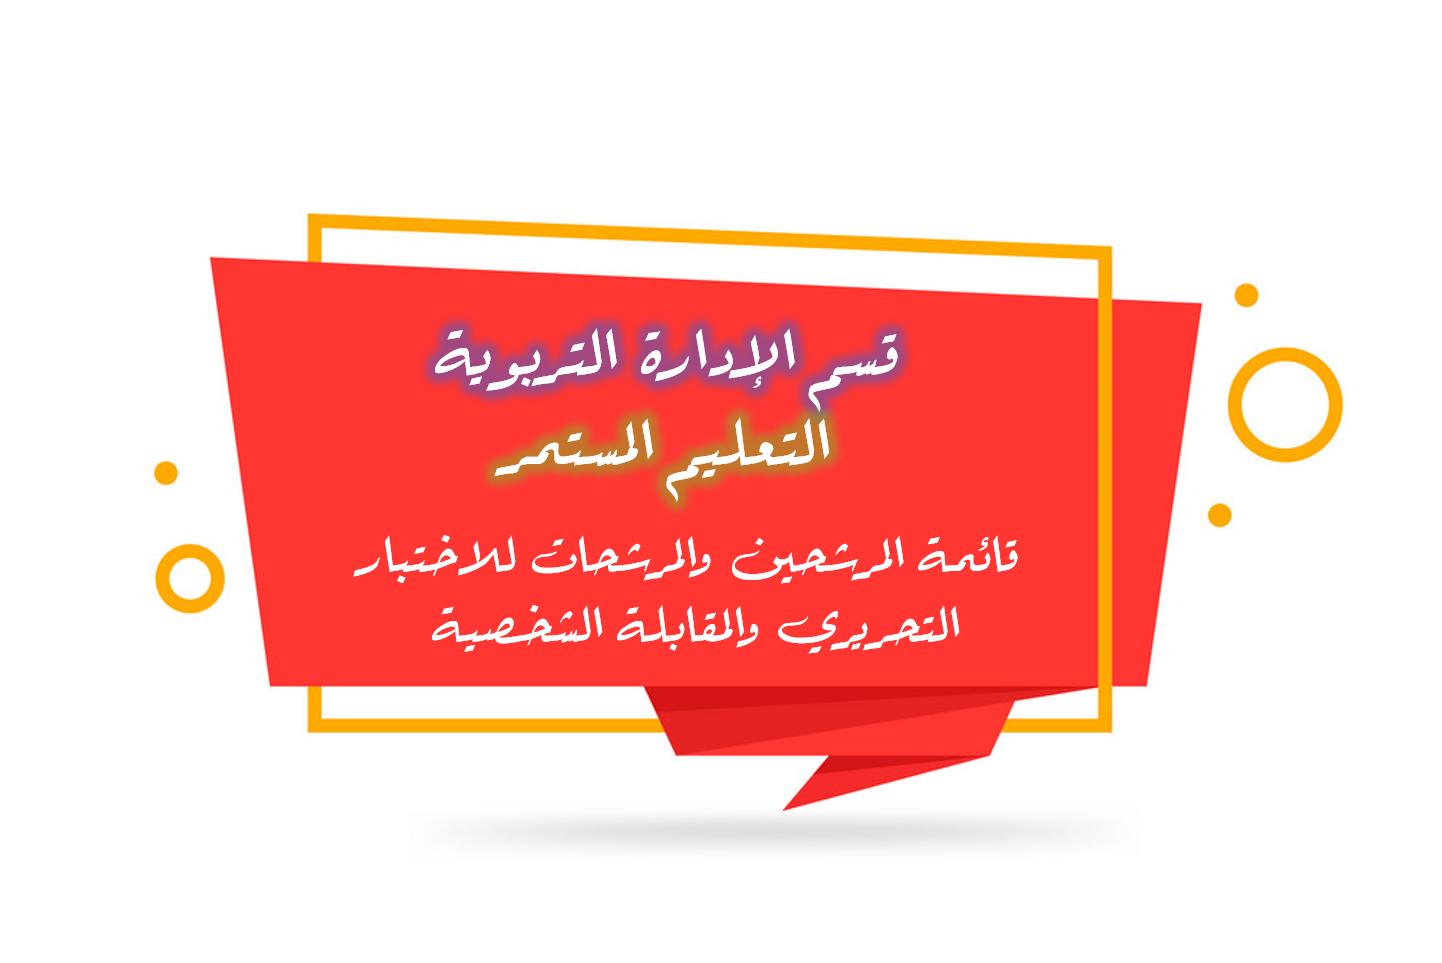 إعلان مهم: للطلبة المتقدمين للقبول في برنامج ماجستير الإدارة التربوية (نظام التعليم المستمر)